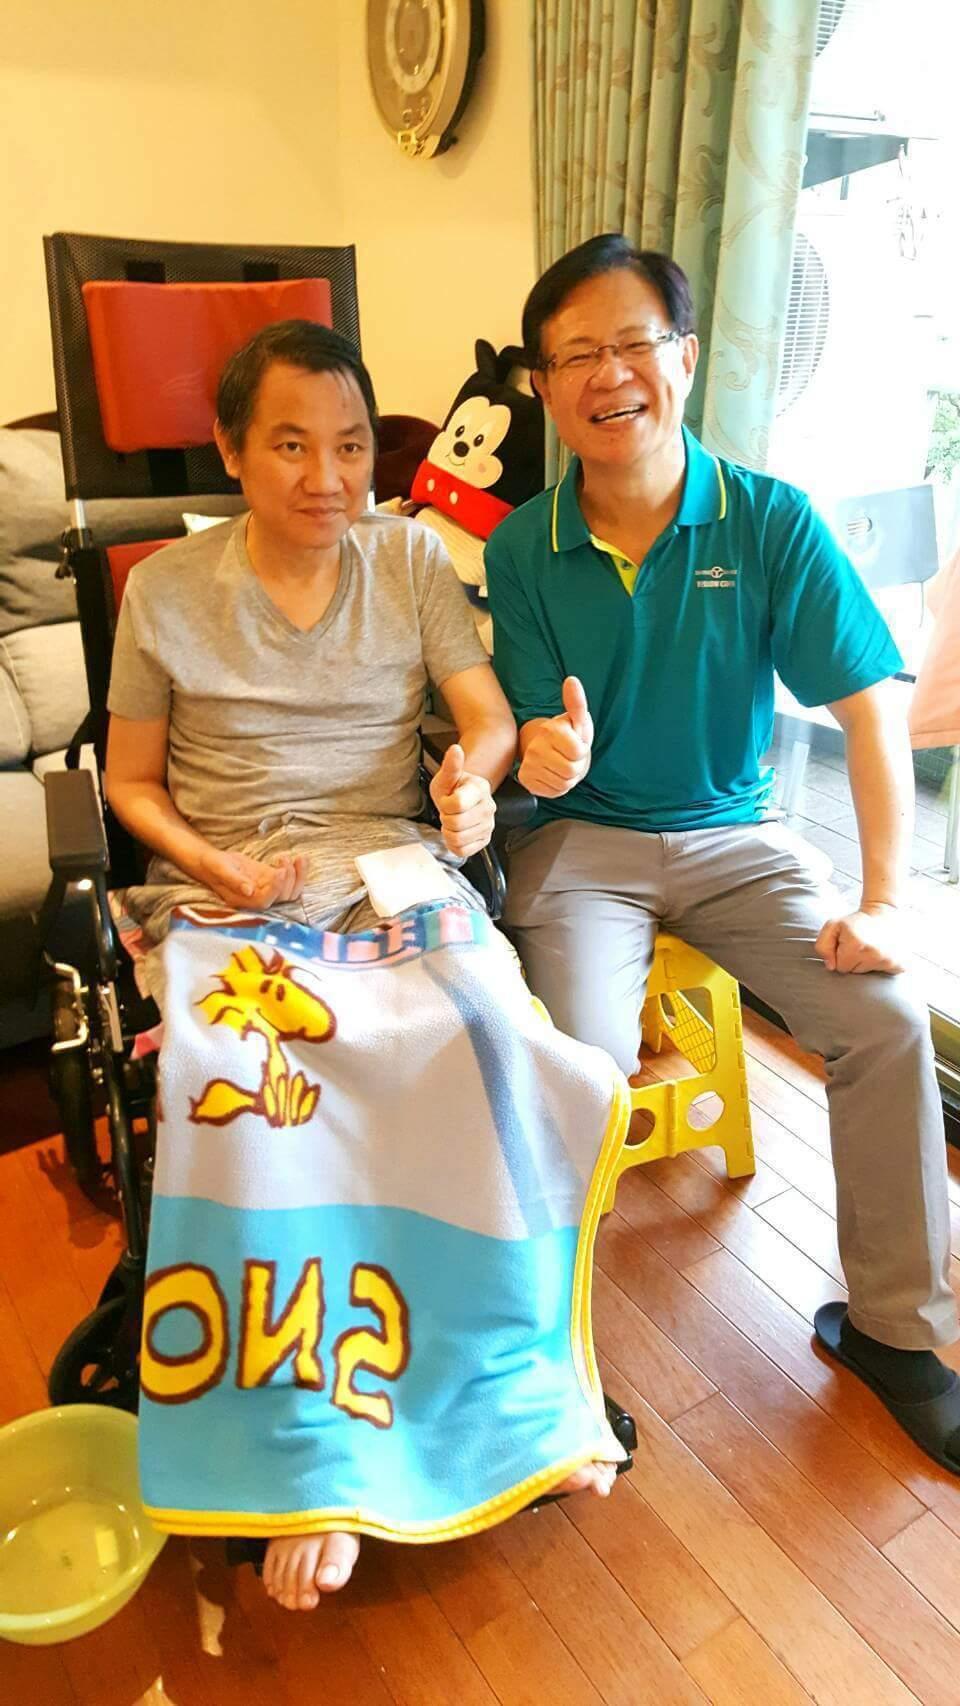 張啟楷今年五月還曾探望陳立宏(左),當時的陳立宏坐在輪椅上身形瘦削。圖/摘自張啟